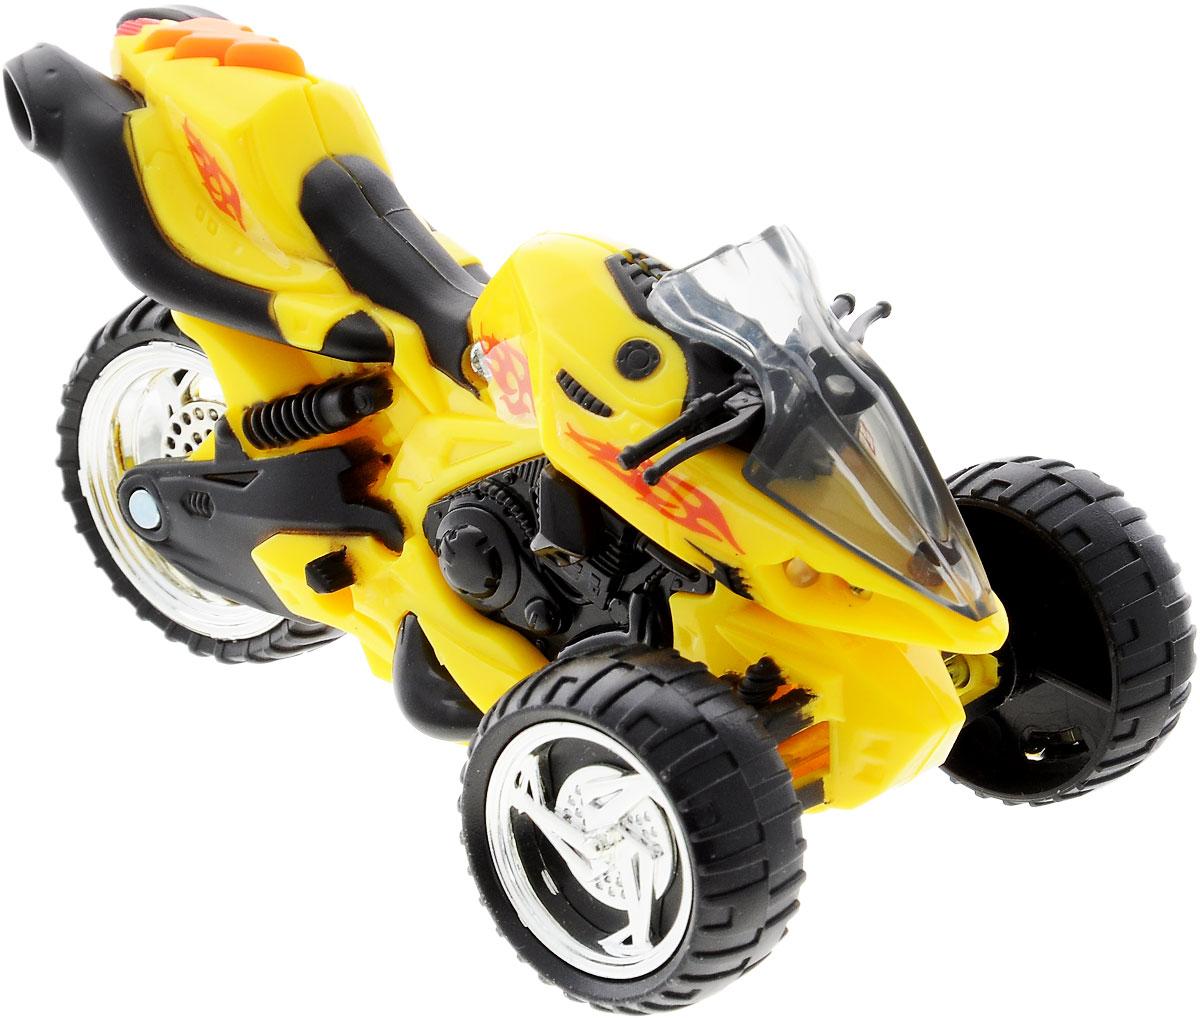 Toystate Мотоцикл цвет желтый33000TS_желтыйМотоцикл Toystate непременно понравится любому маленькому гонщику. Выполнен из прочного безопасного пластика с элементами металла. Мотоцикл оснащен тремя колесами со свободным ходом. При нажатии на кнопу, расположенную на сиденье, воспроизводятся различные звуки, а также загораются фары. Яркий, реалистичный, выполненный с вниманием к деталям, станет отличным дополнением к автопарку вашего малыша! Ваш ребенок часами будет играть с такой игрушкой, придумывая различные истории и устраивая соревнования. Порадуйте его таким замечательным подарком! Рекомендуется докупить 2 батарейки типа LR44 (товар комплектуется демонстрационными).